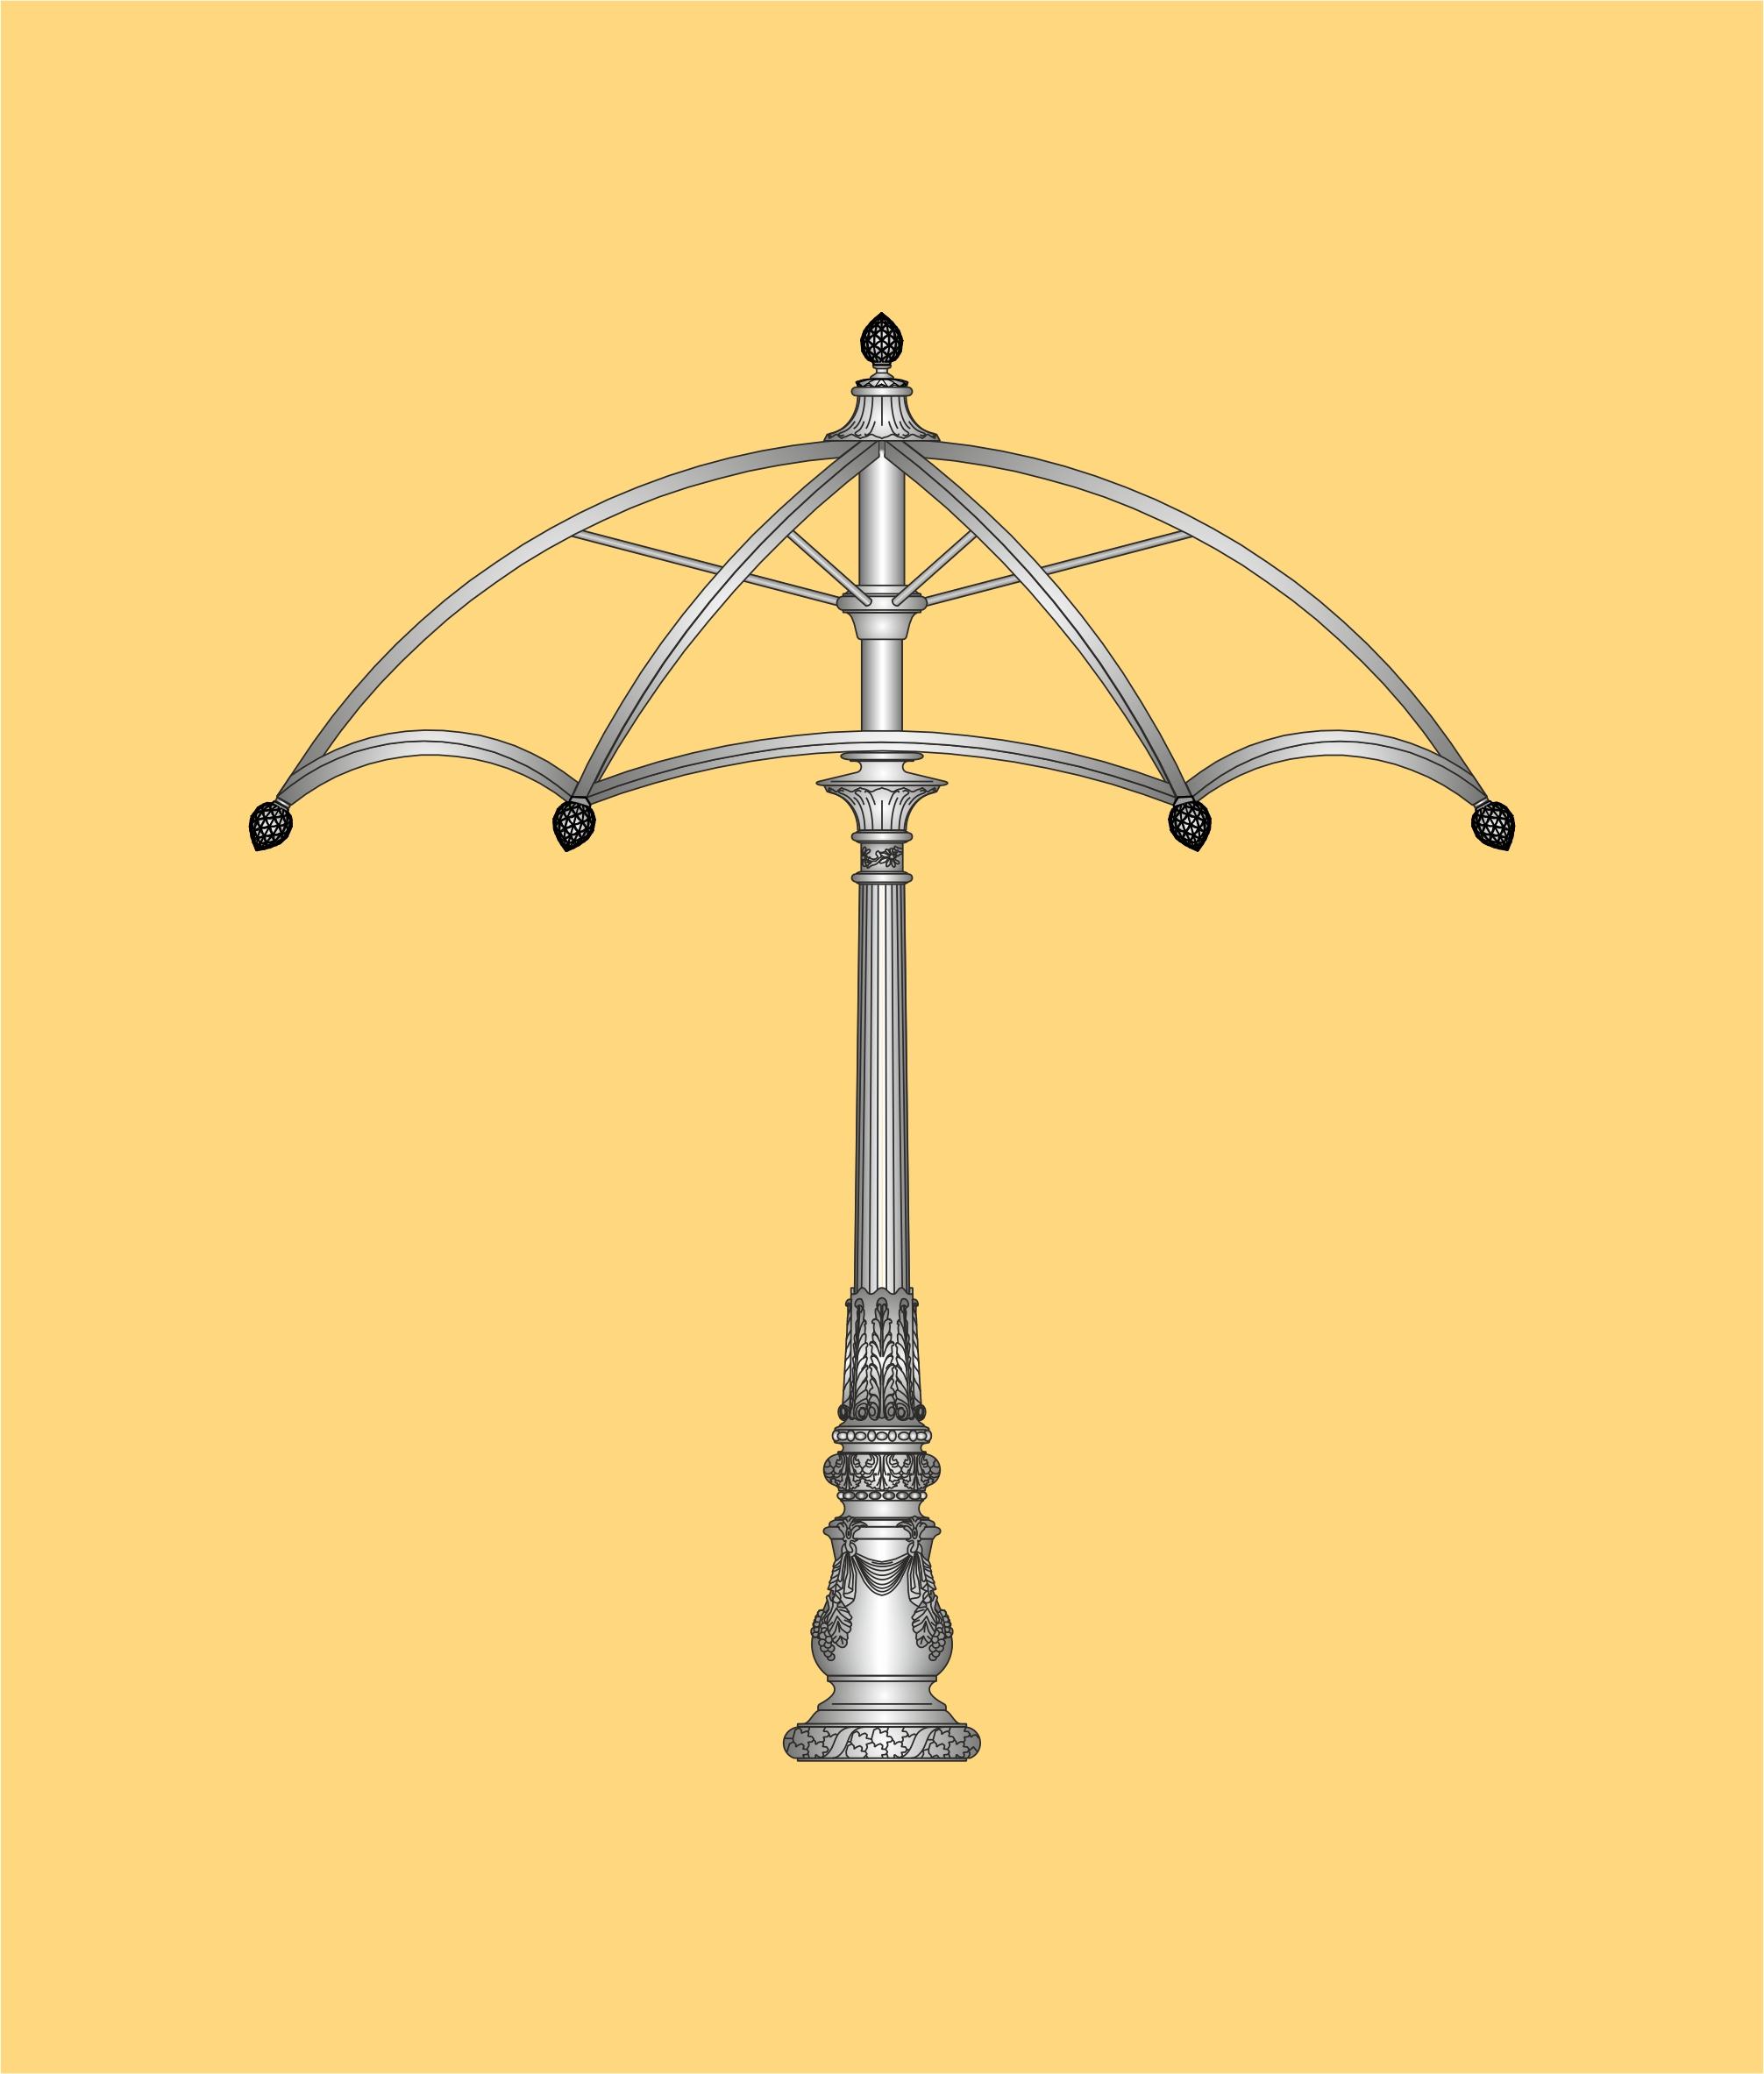 ekskluzywna altana, parasol ogrodowy, parasol ozdobny